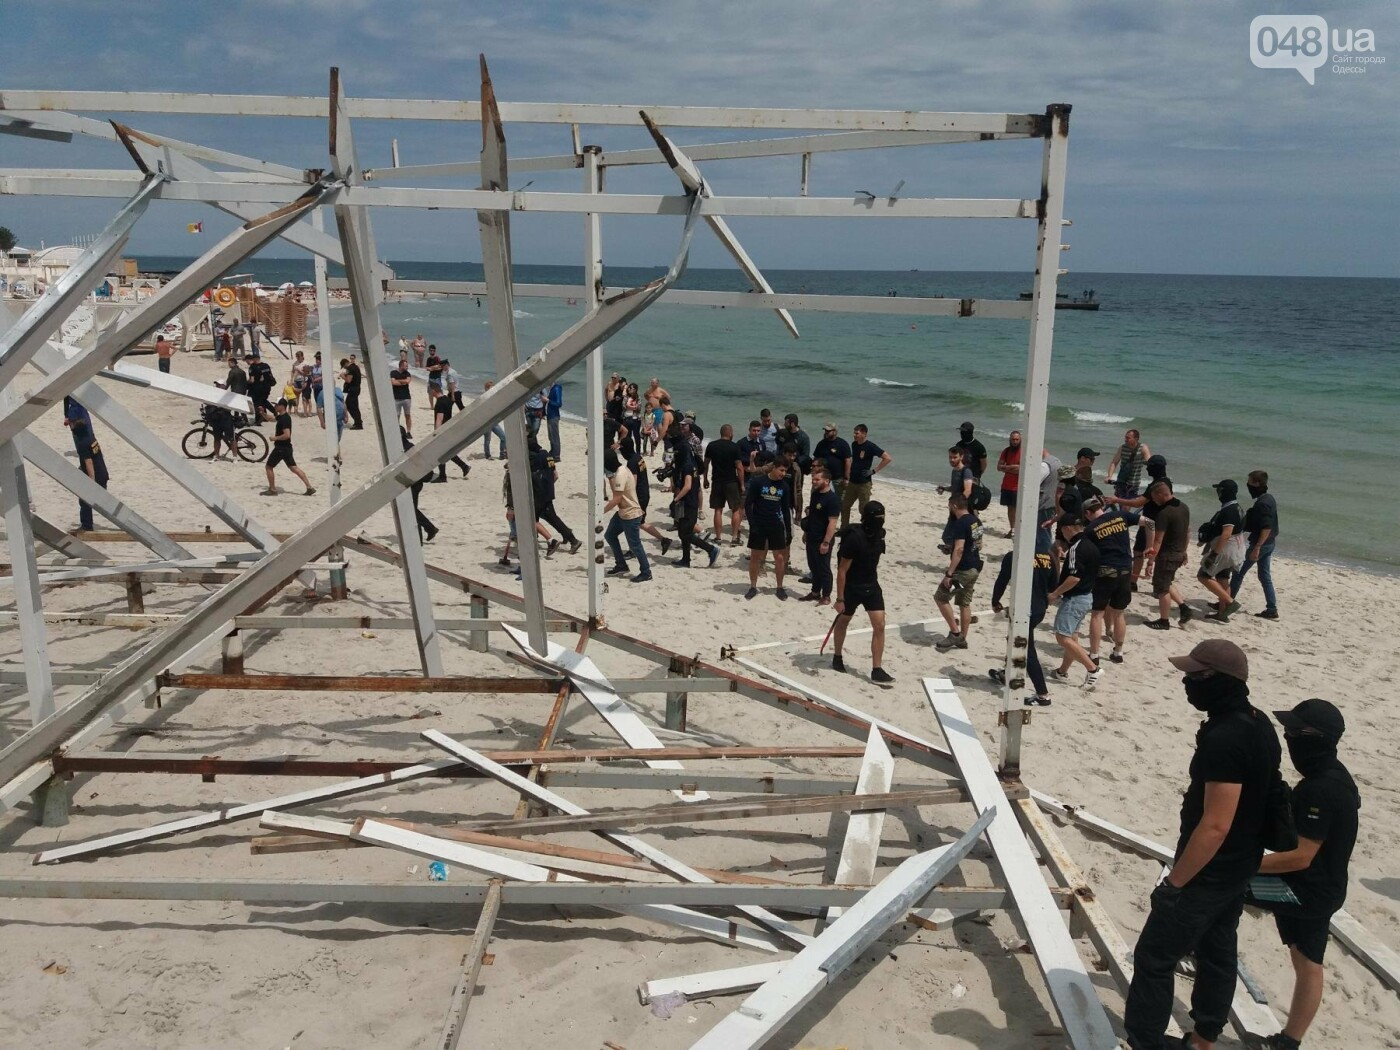 На Одесском пляже прошла акция по демонтажу незаконного сооружения, - ФОТО, ВИДЕО, фото-1